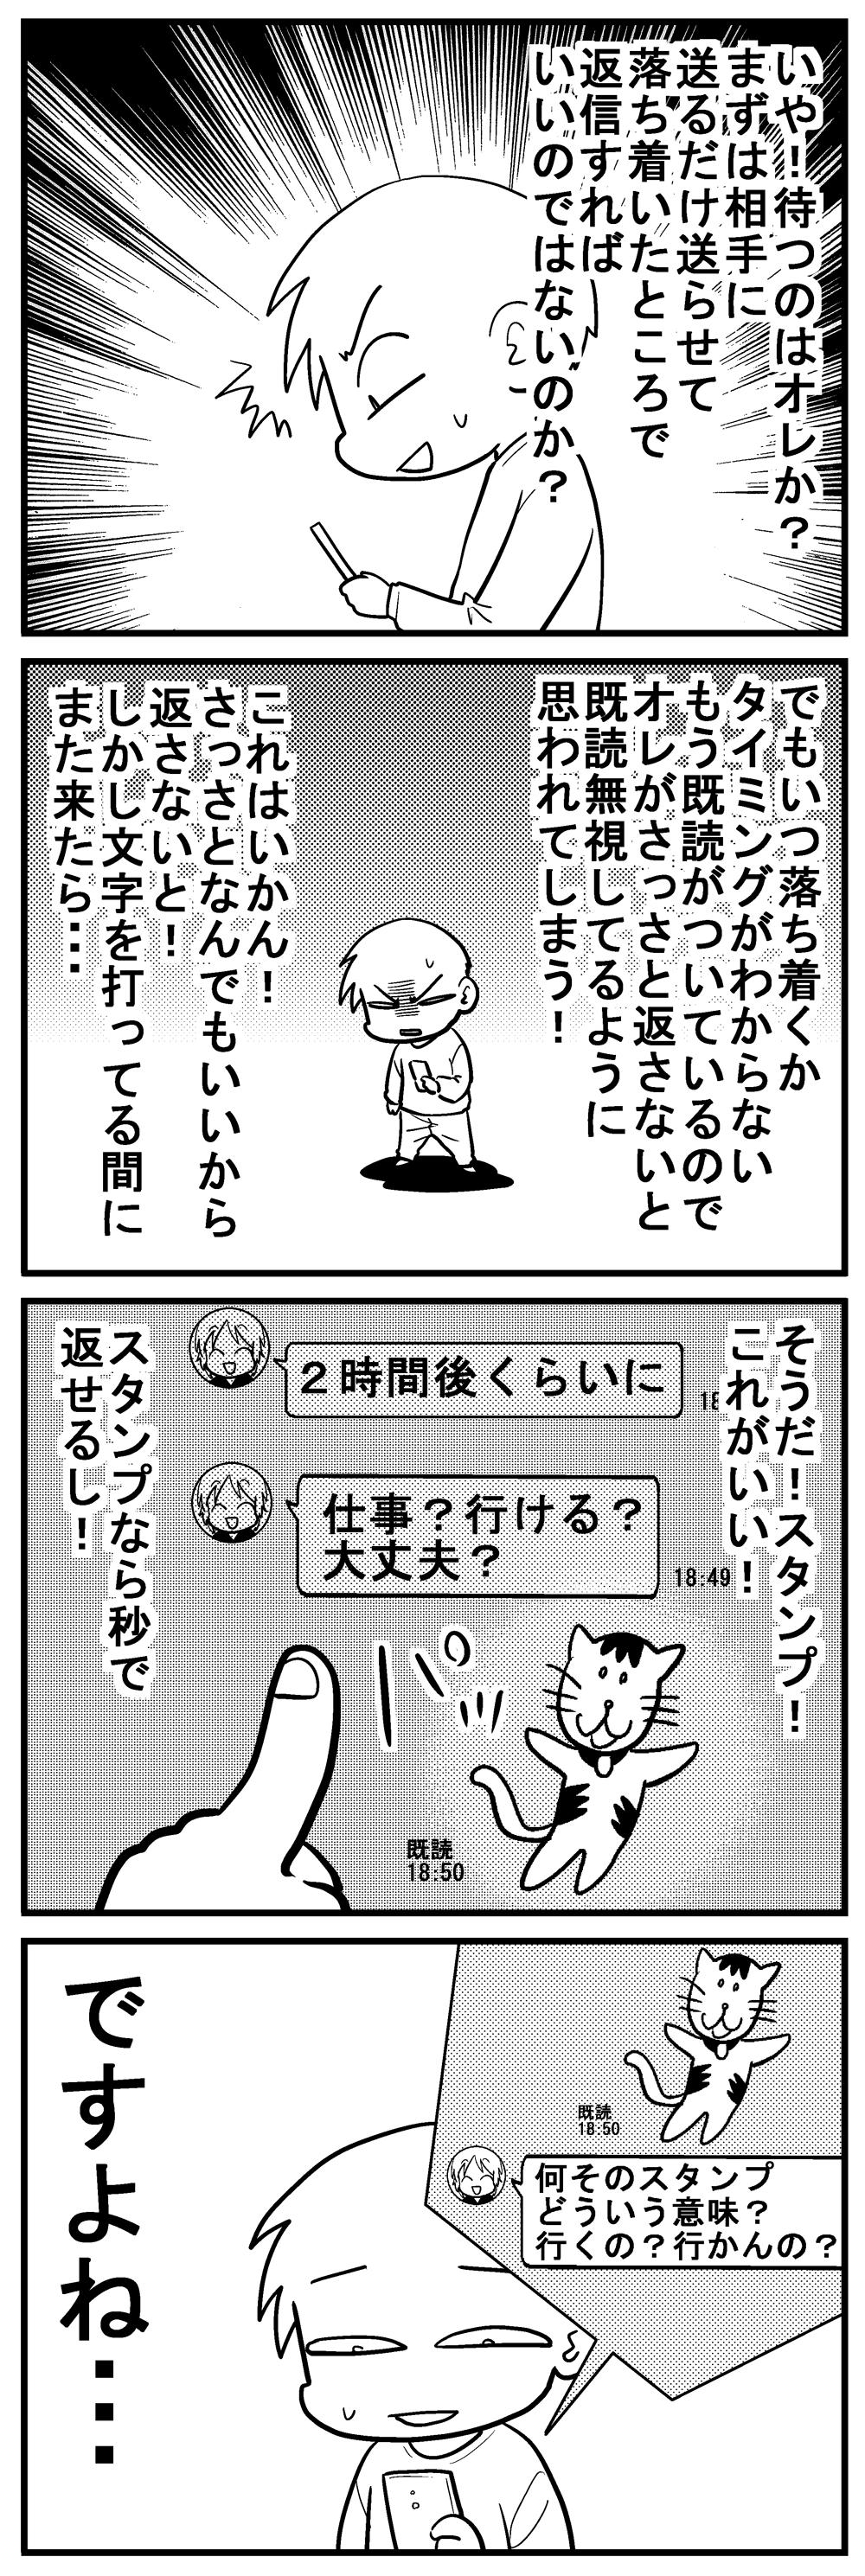 深読みくん126 2